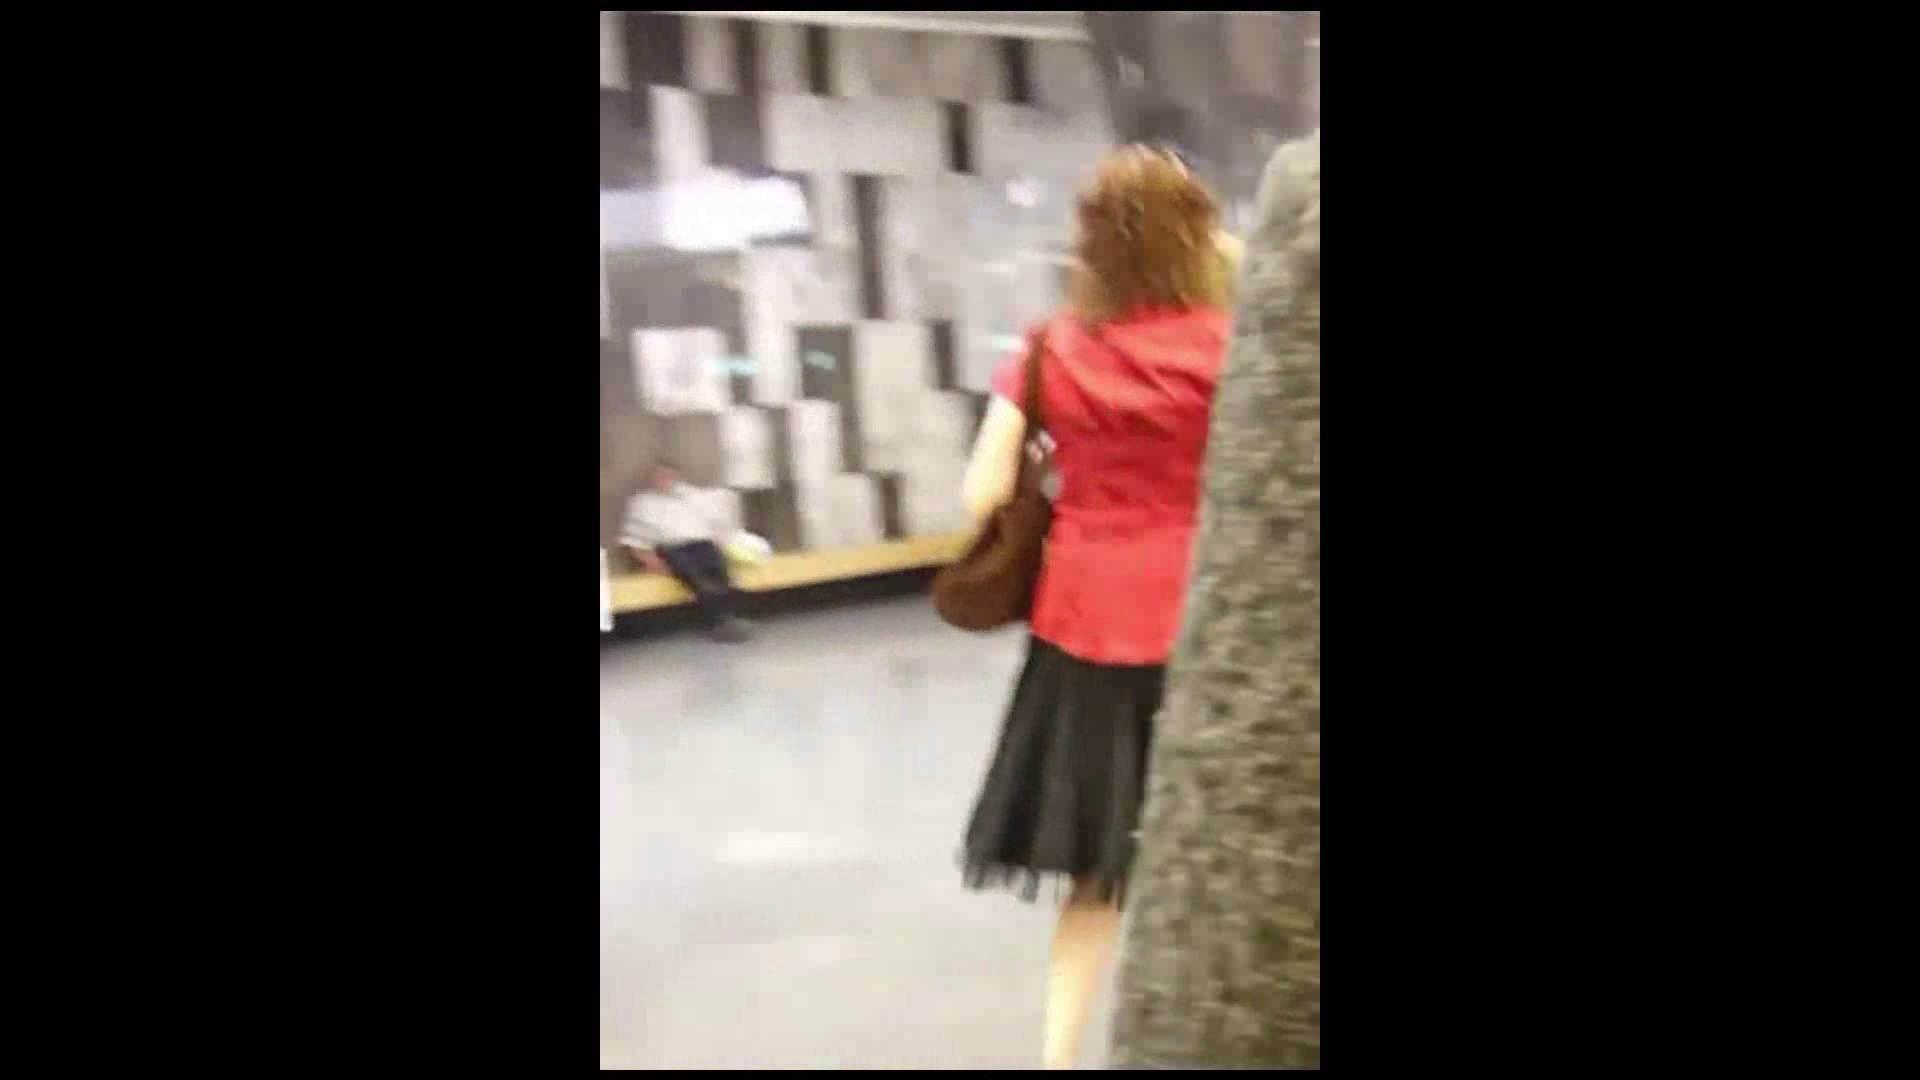 綺麗なモデルさんのスカート捲っちゃおう‼vol03 HなOL われめAV動画紹介 98pic 70